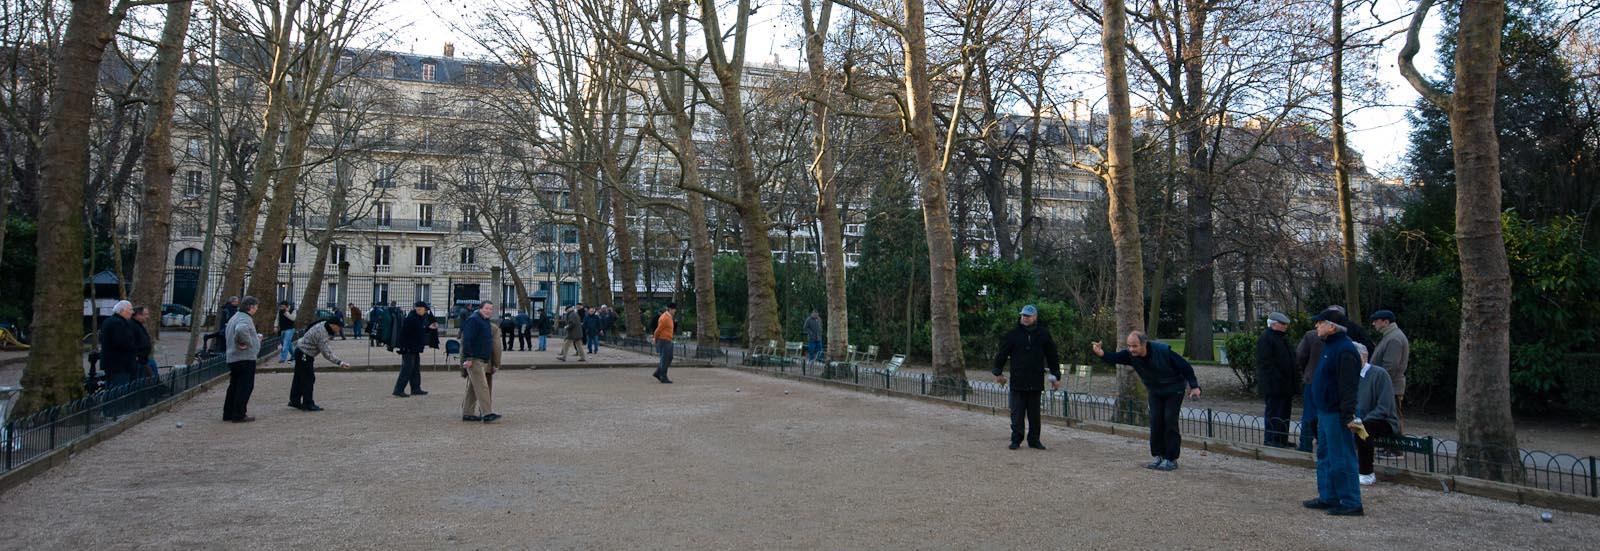 0204_Paris_197